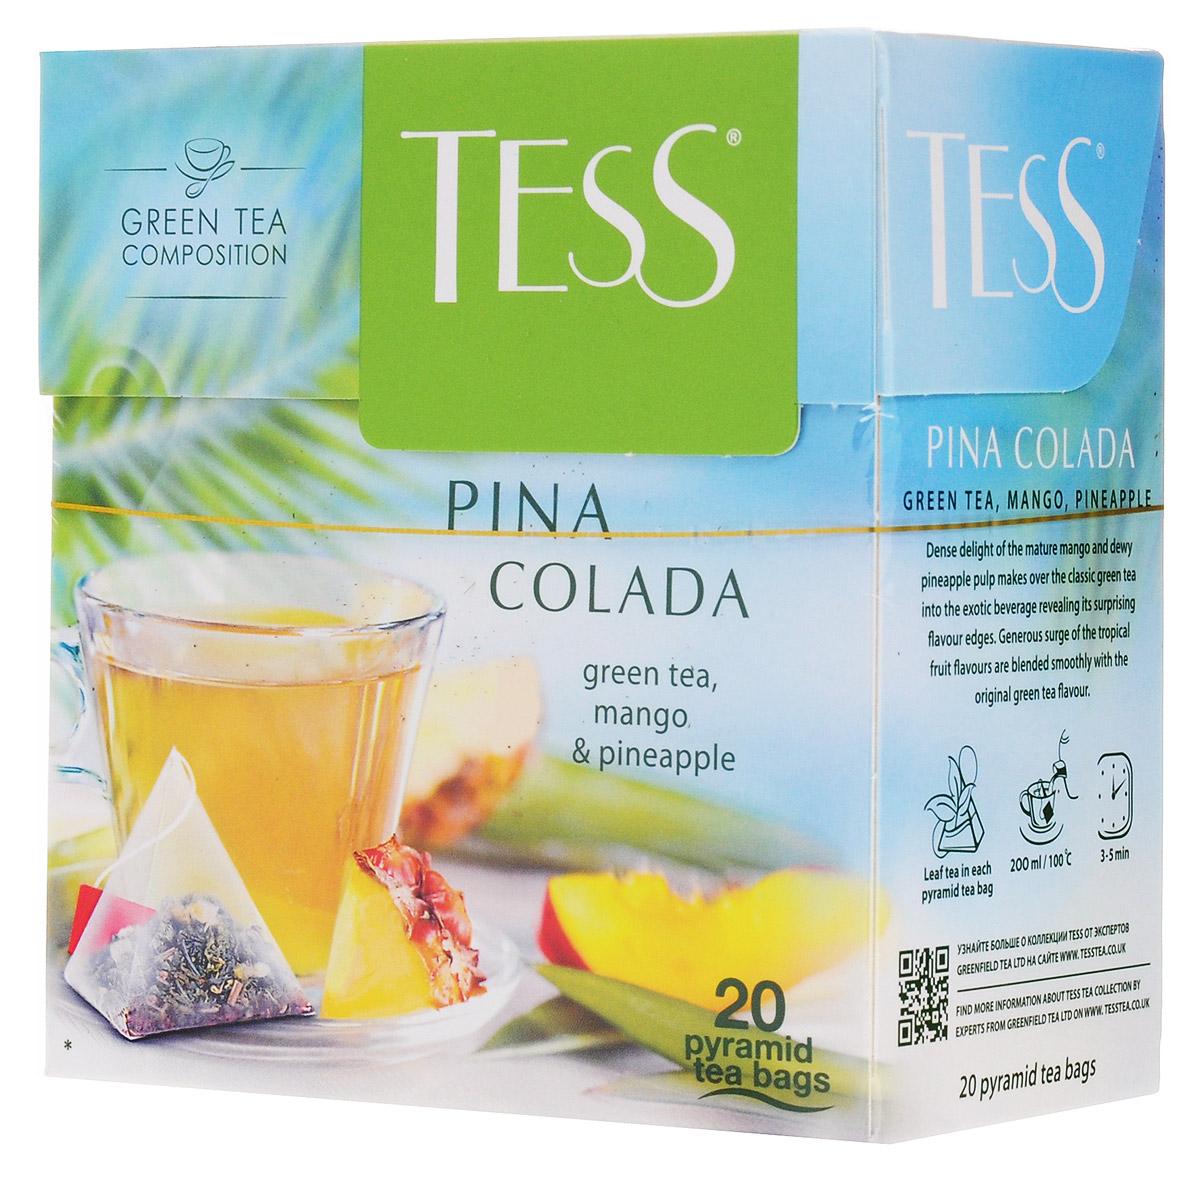 Tess Pina Colada зеленый чай в пирамидках, 20 шт0120710Играя ароматными мячиками манго и ананаса, в которых спряталось тропическое солнце, классический зеленый чай Tess Pina Colada в пирамидках превращается в экзотический напиток и дарит ни с чем не сравнимое ощущение легкости и свободы.